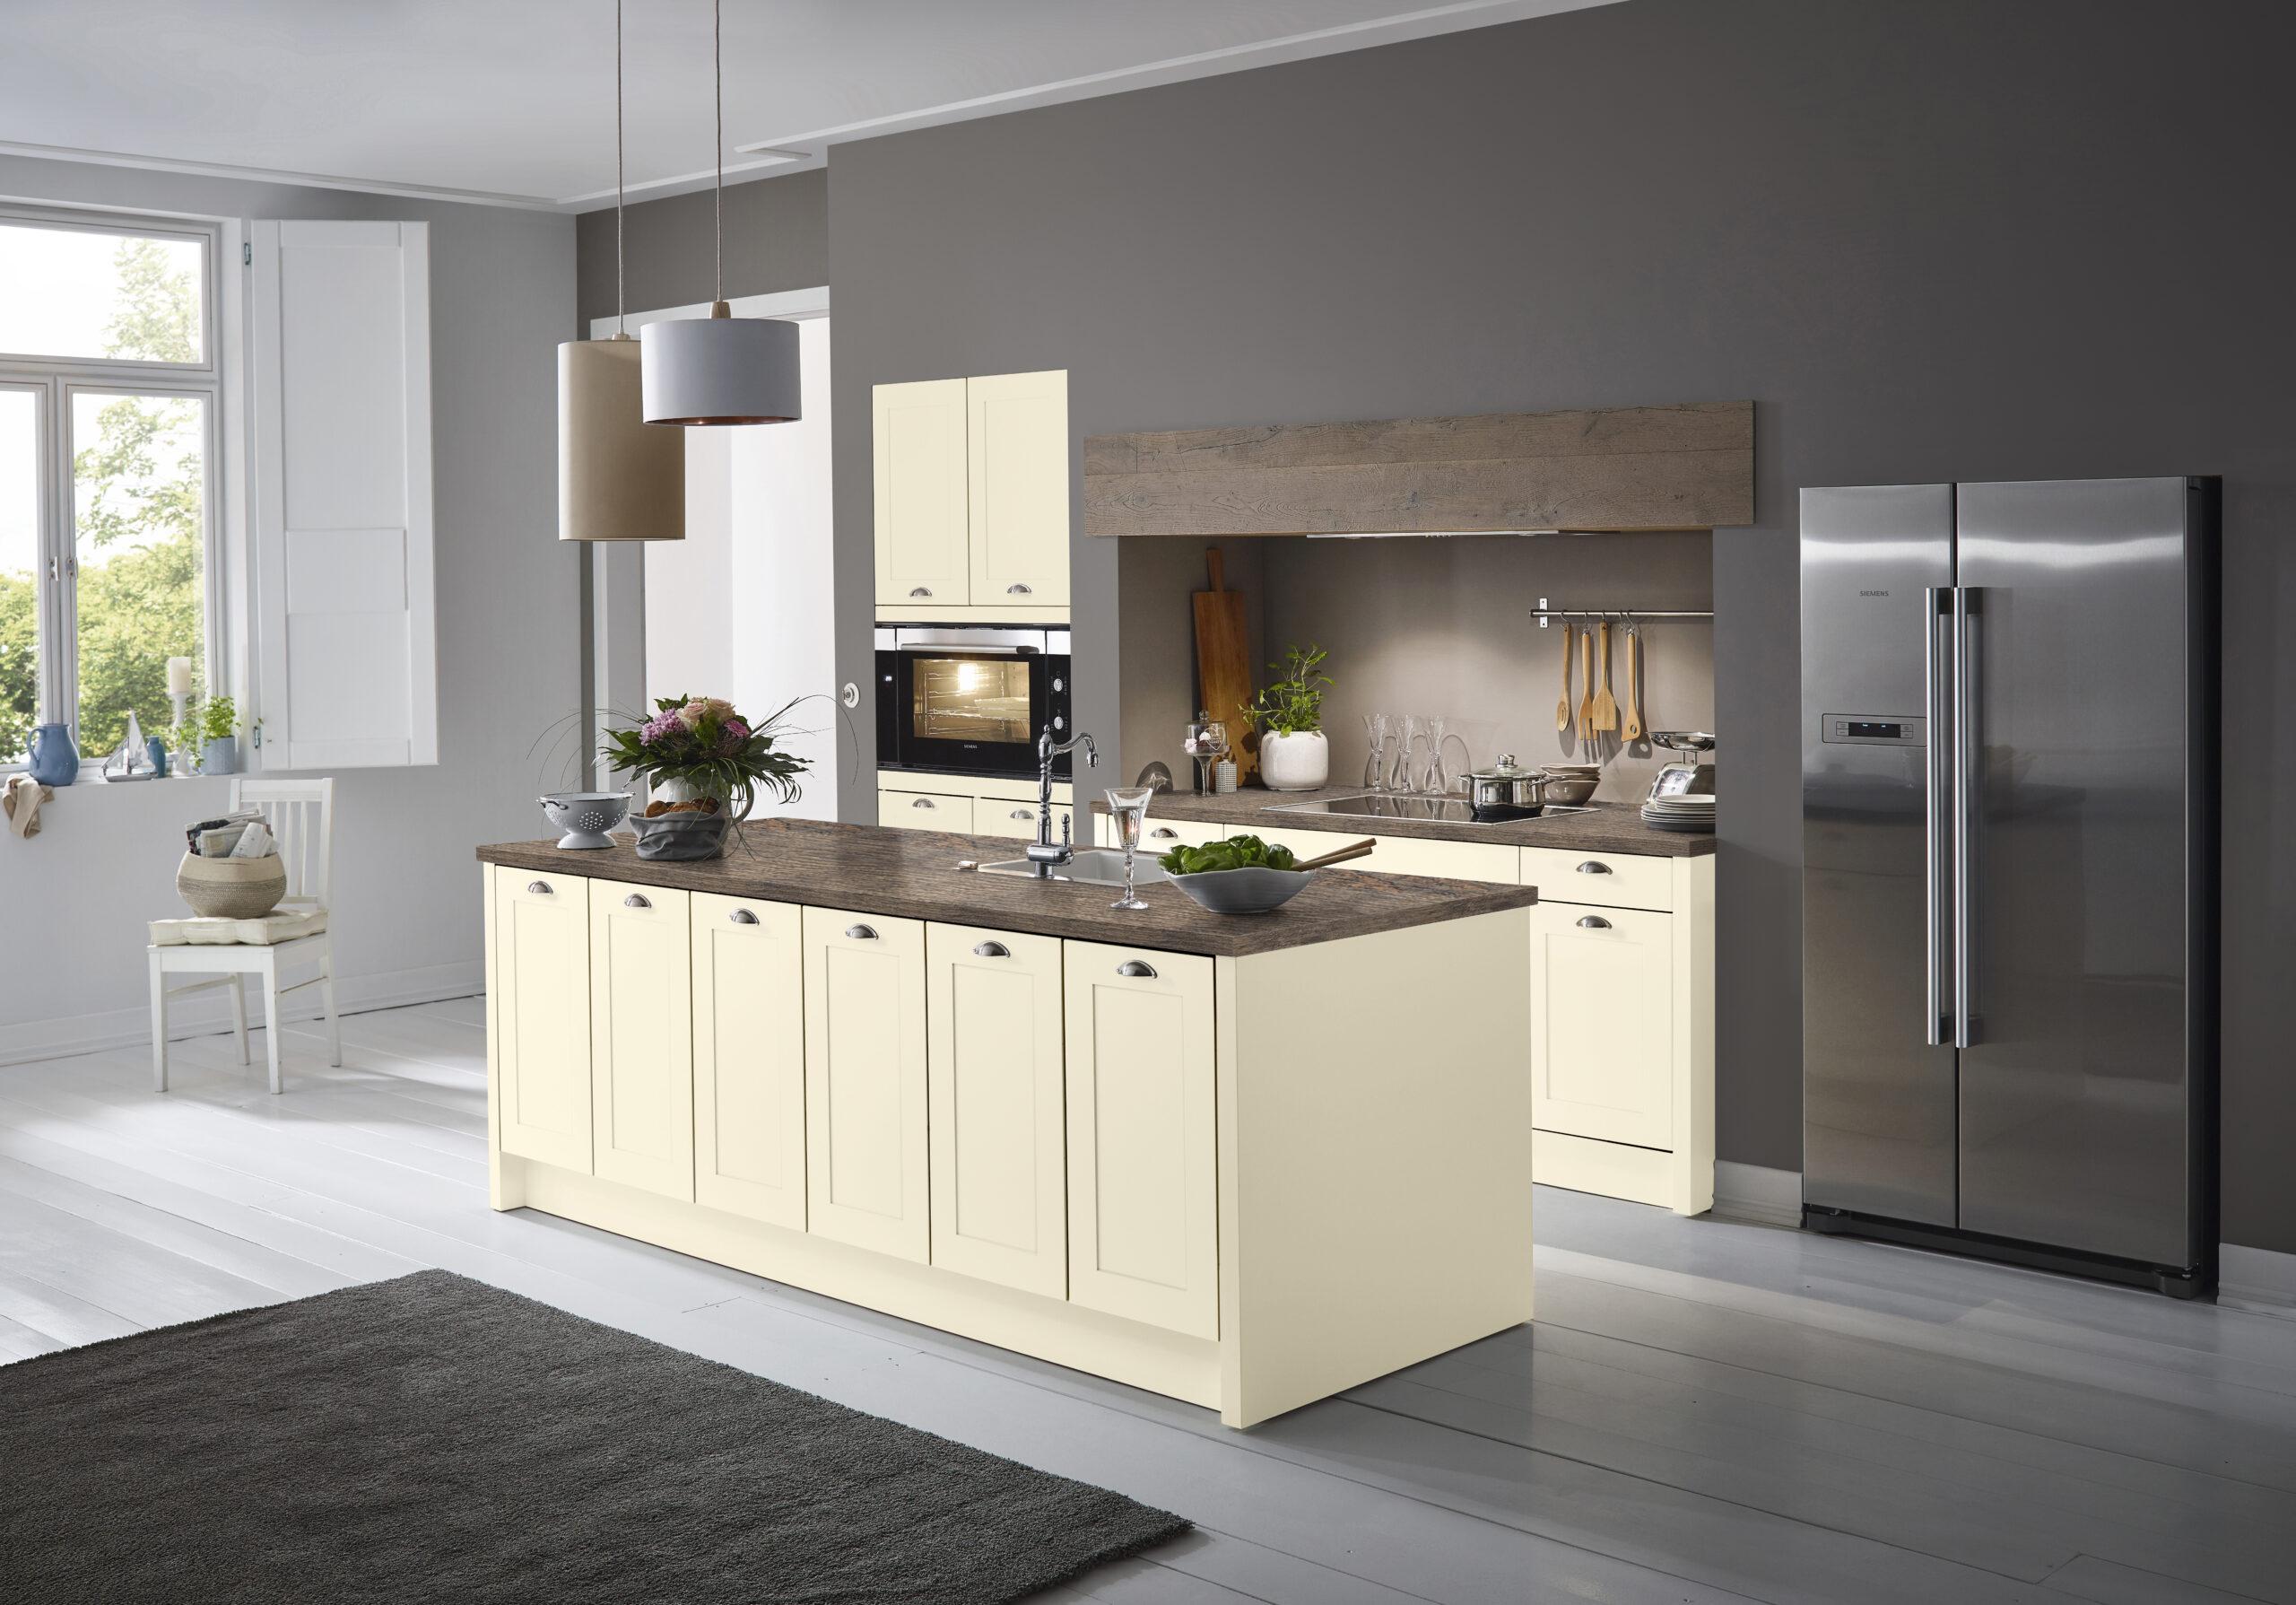 Full Size of Landhausküche Gebraucht Weiß Moderne Grau Weisse Wohnzimmer Landhausküche Wandfarbe